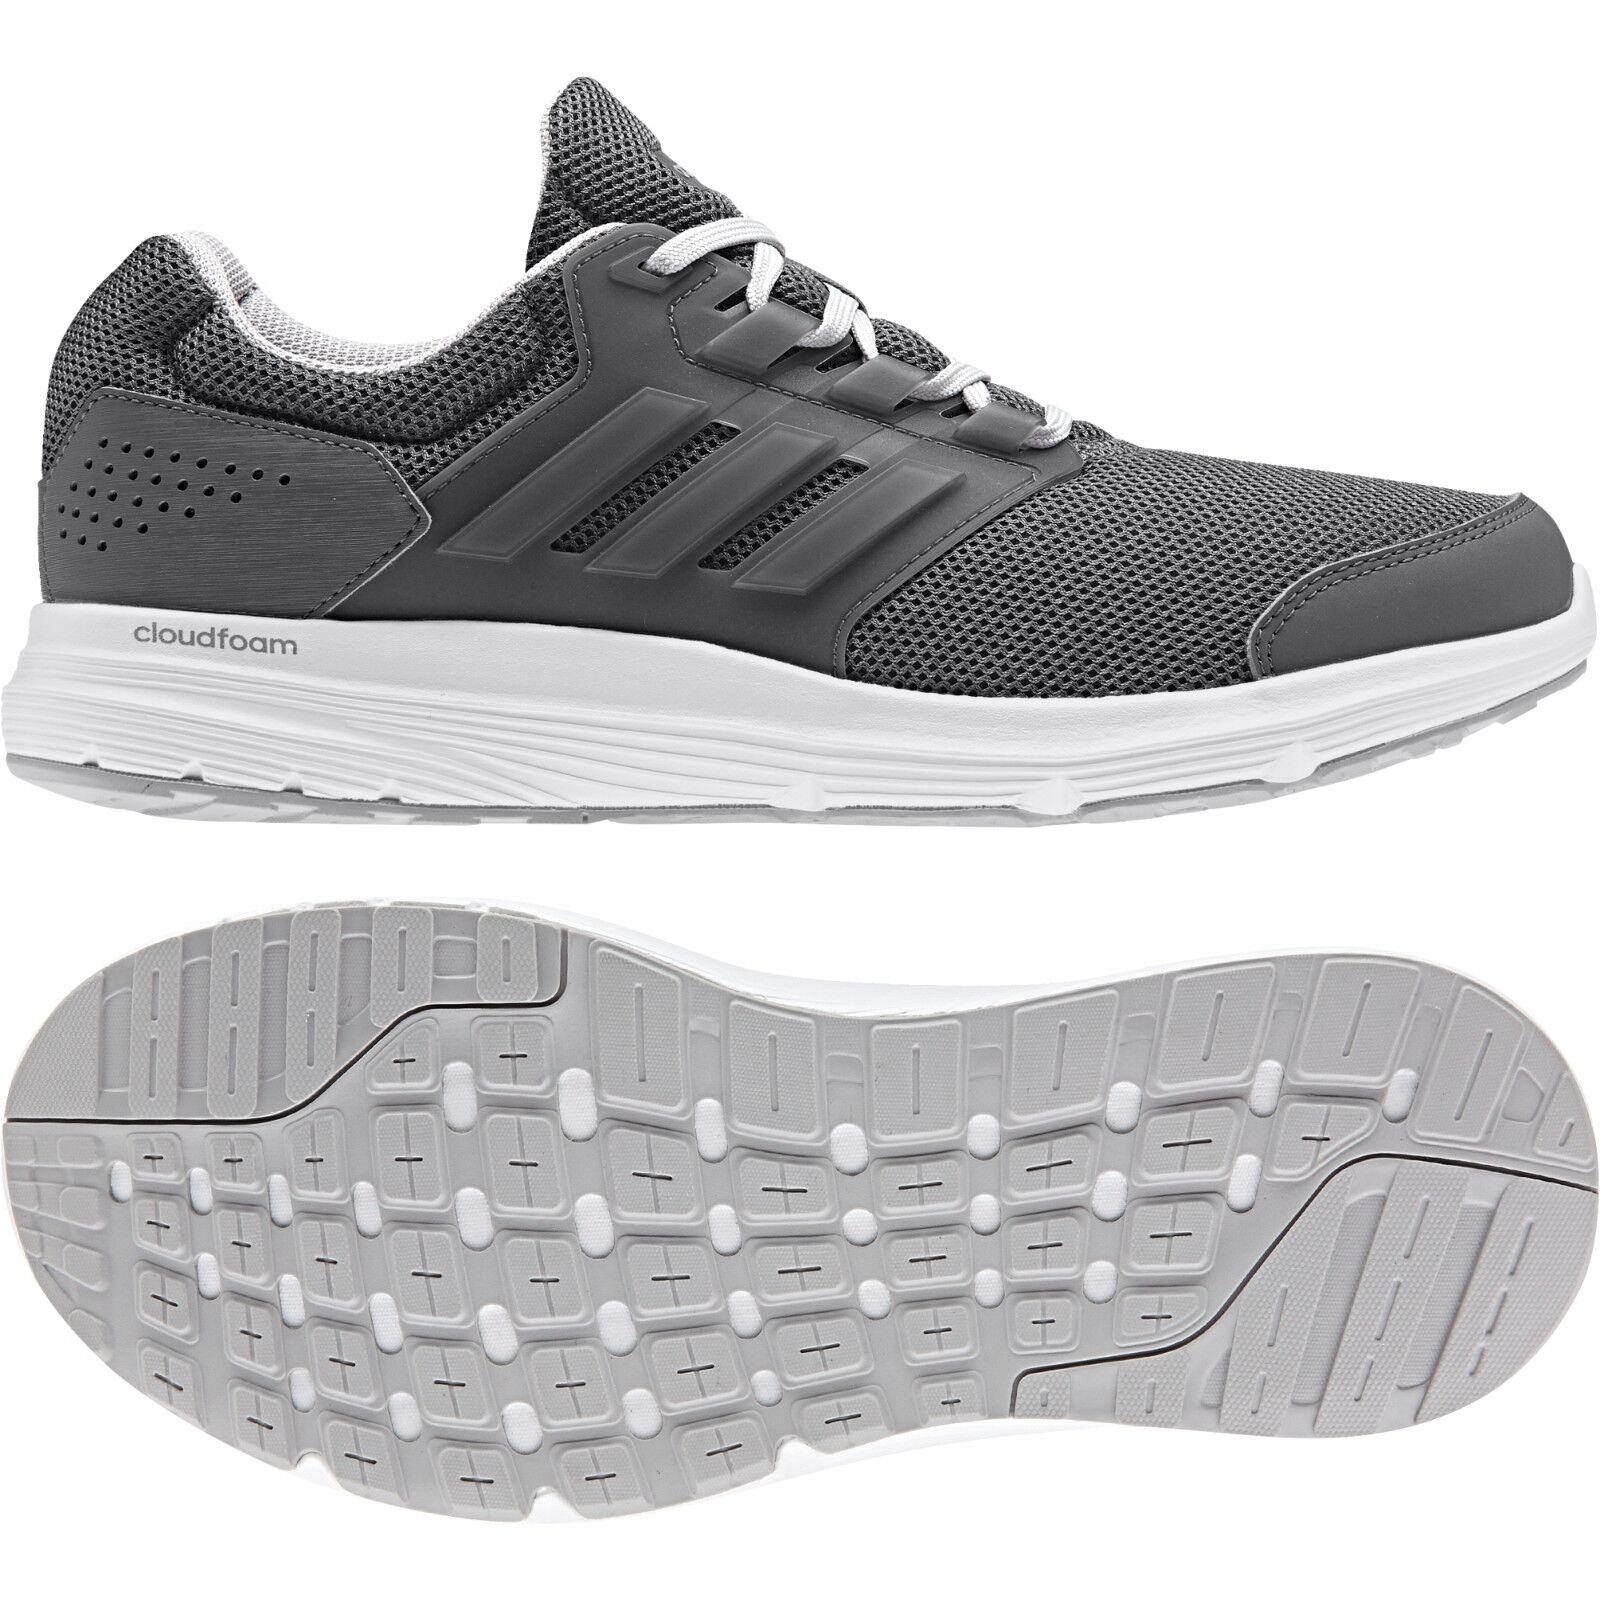 Adidas entrenadores Hombres Zapatillas Galaxy 4 entrenadores Adidas Cloudfoam entrenamiento CP8827 Nuevo 187800